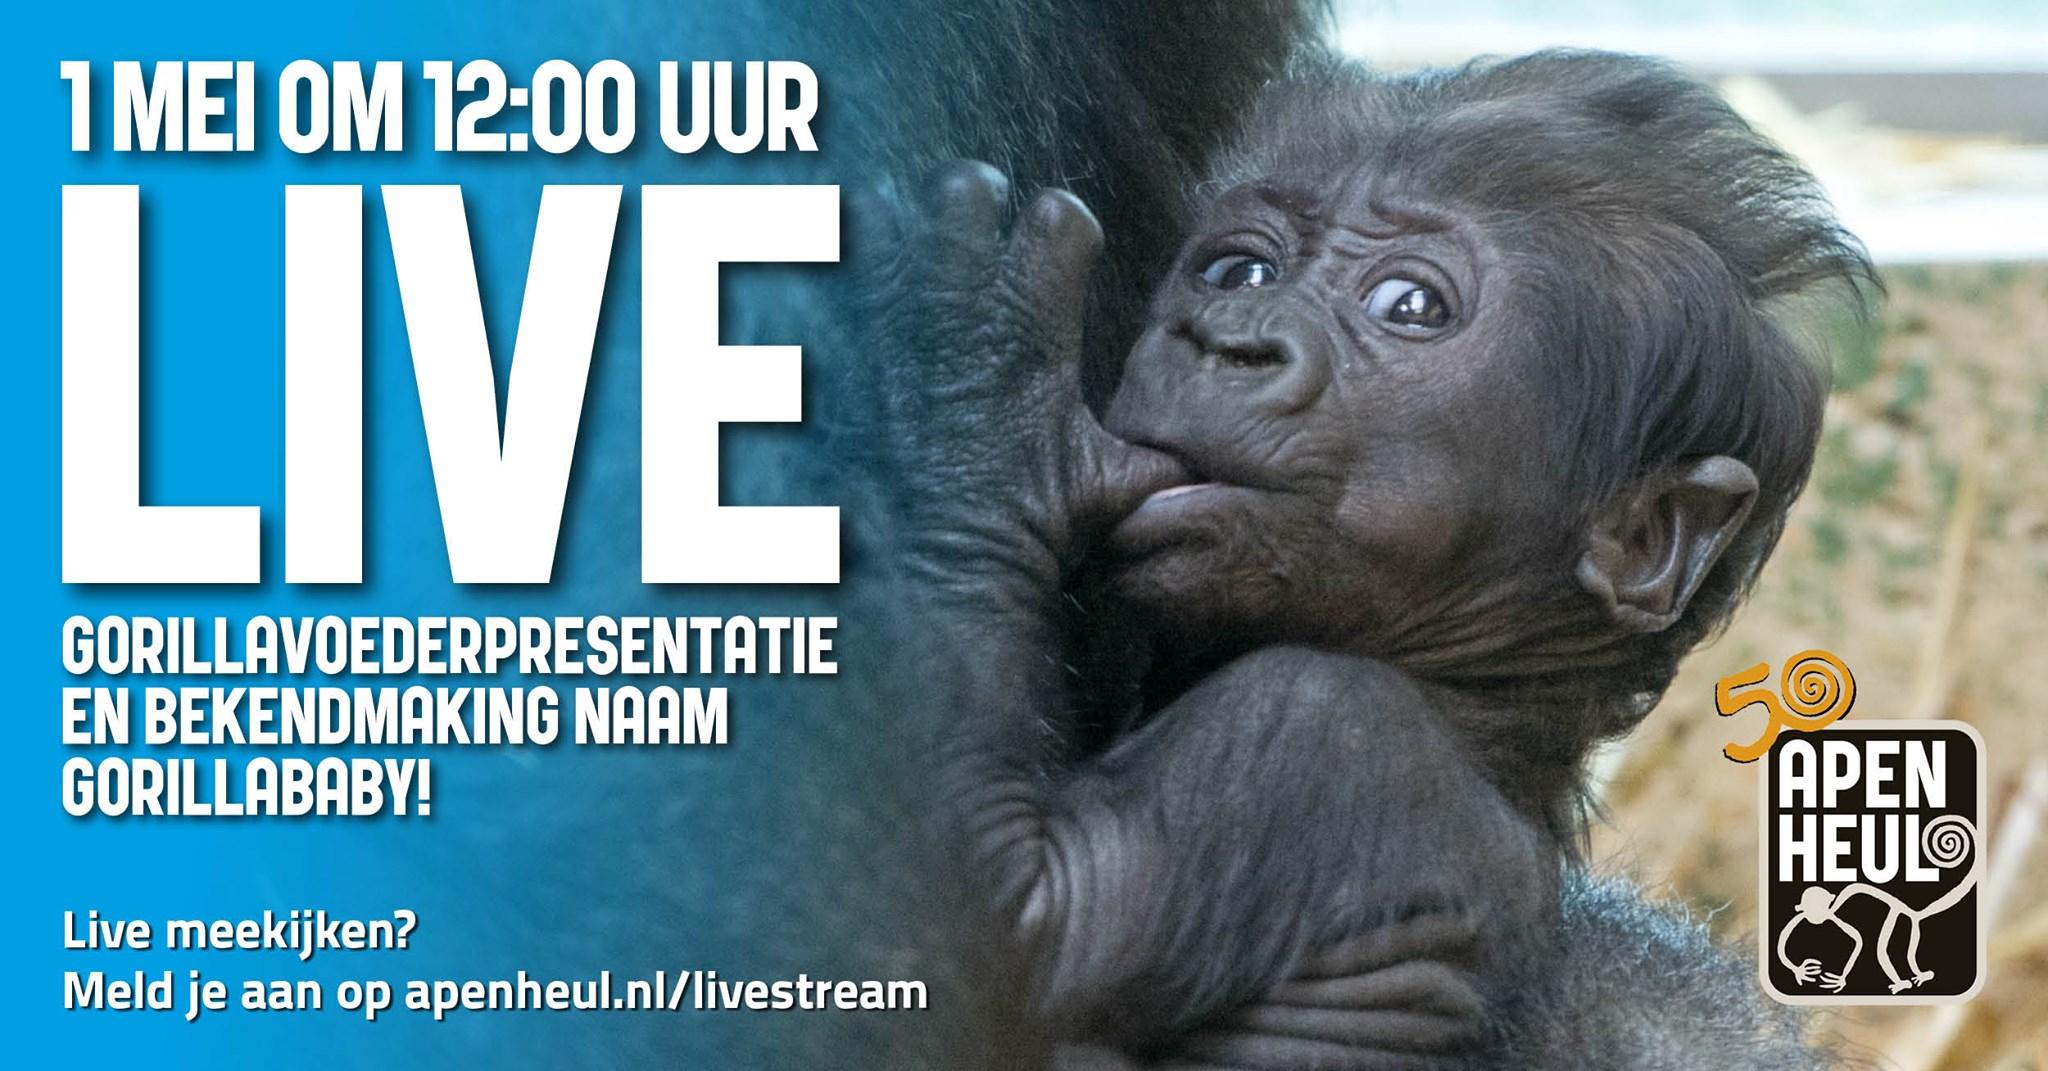 [01/05 om 12uur] De Apenheul streamt weer live gorillavoederpresentatie